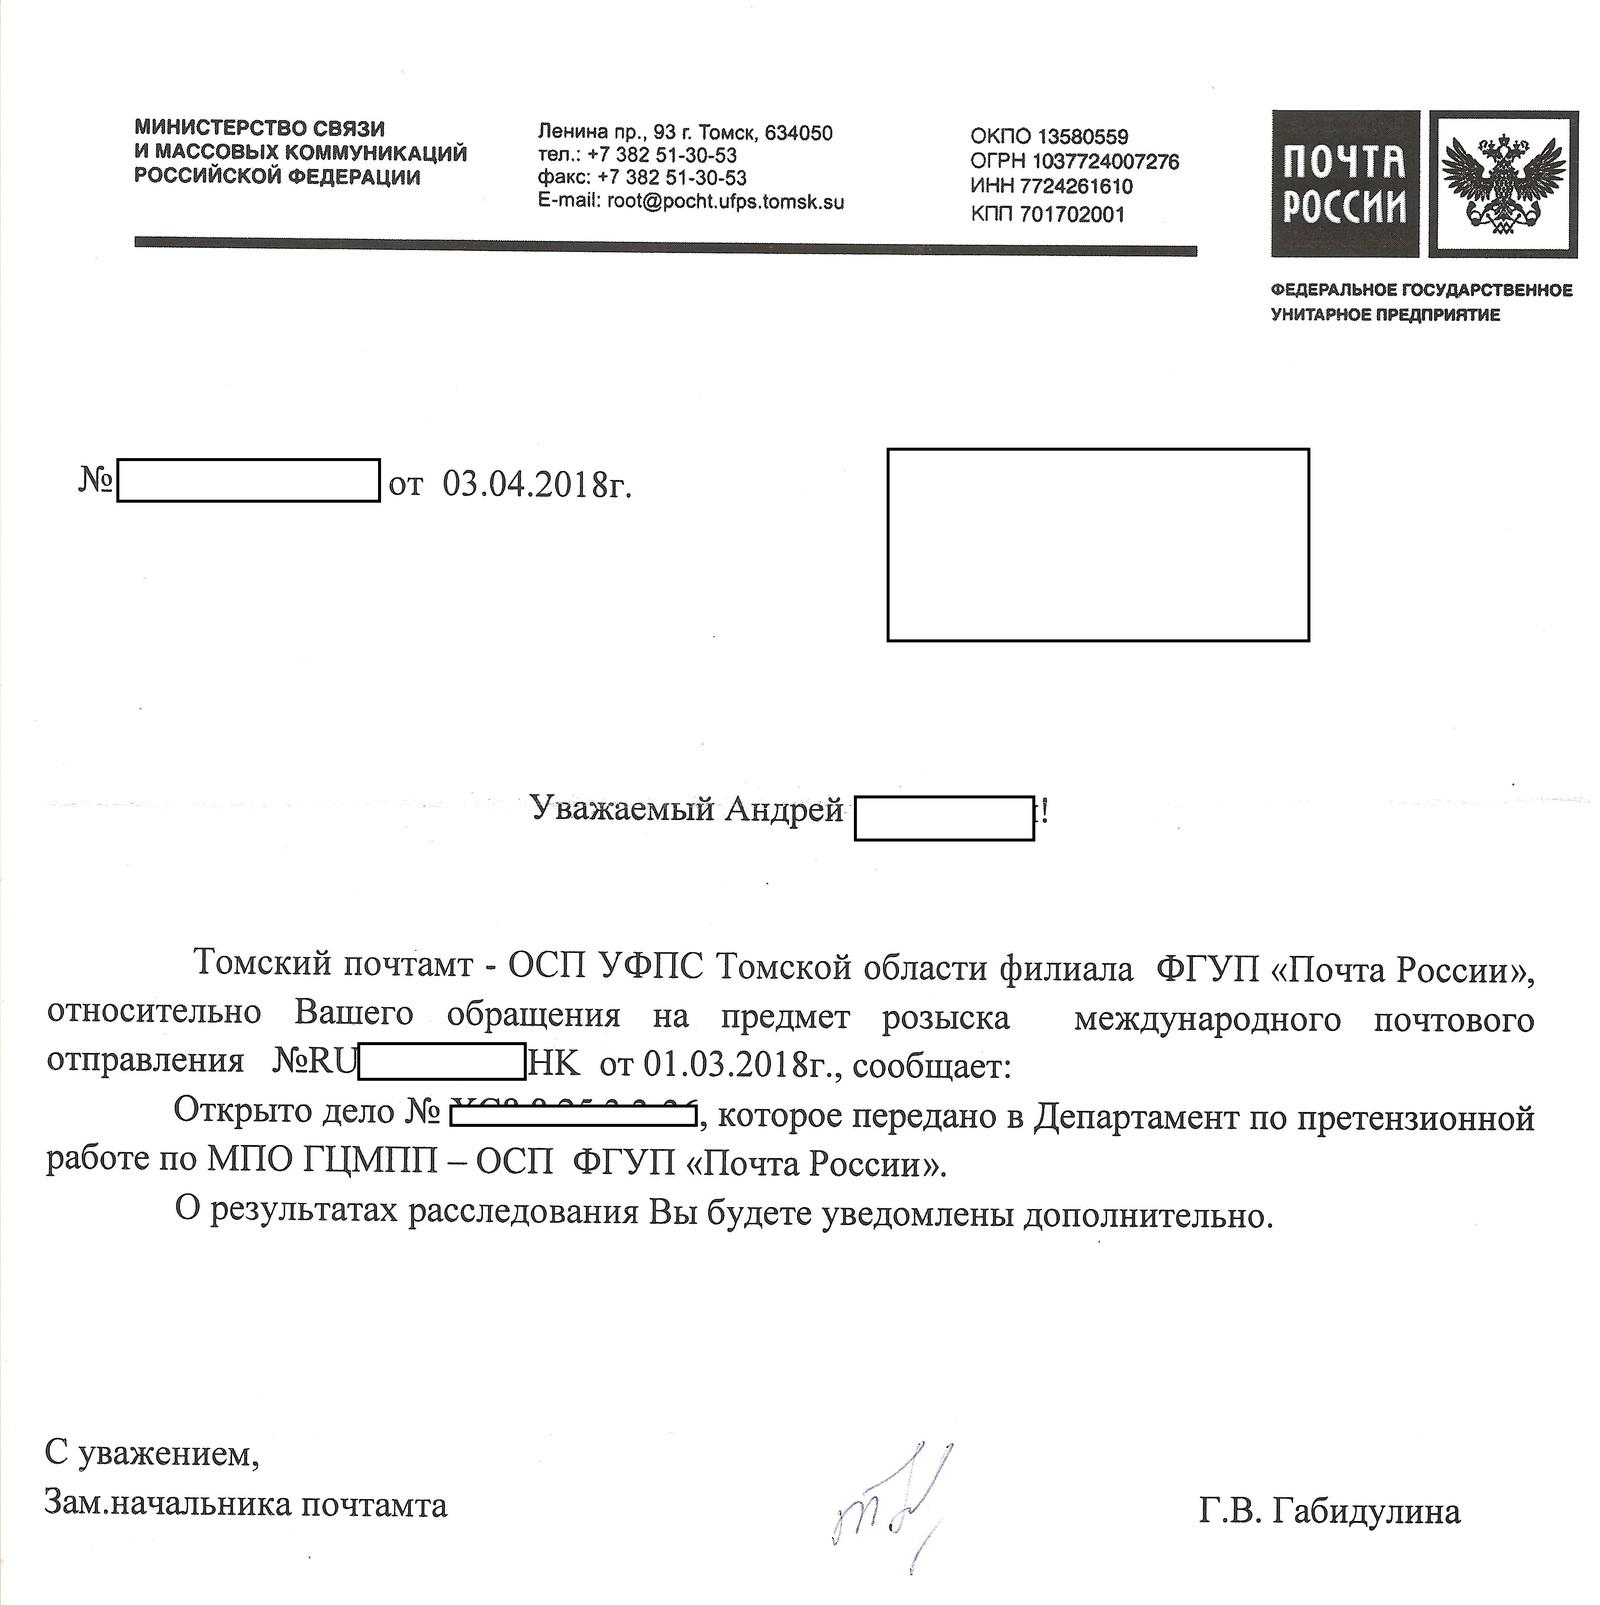 Претензионную службу почты россии